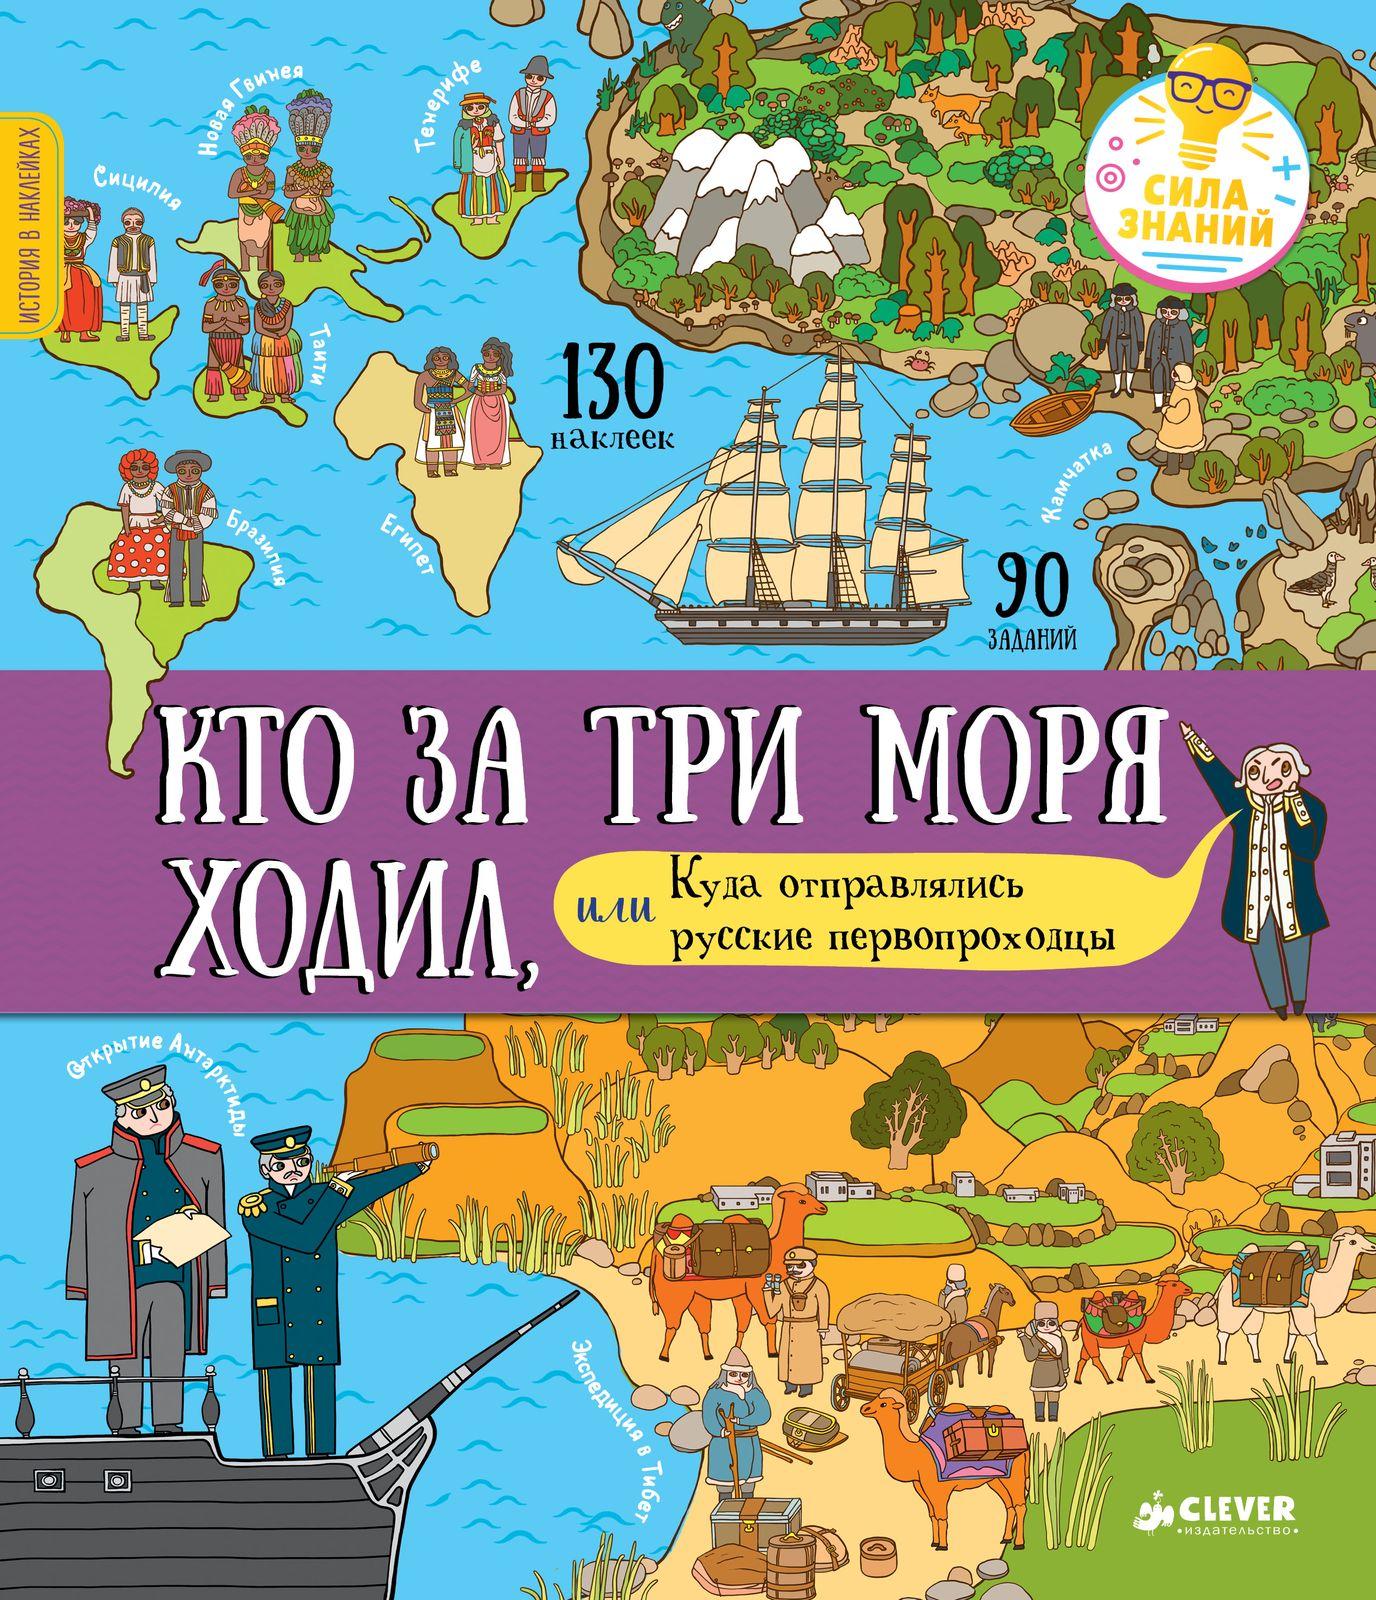 Купить Кто за три моря ходил, или Куда отправлялись русские первопроходцы, Издательство Клевер